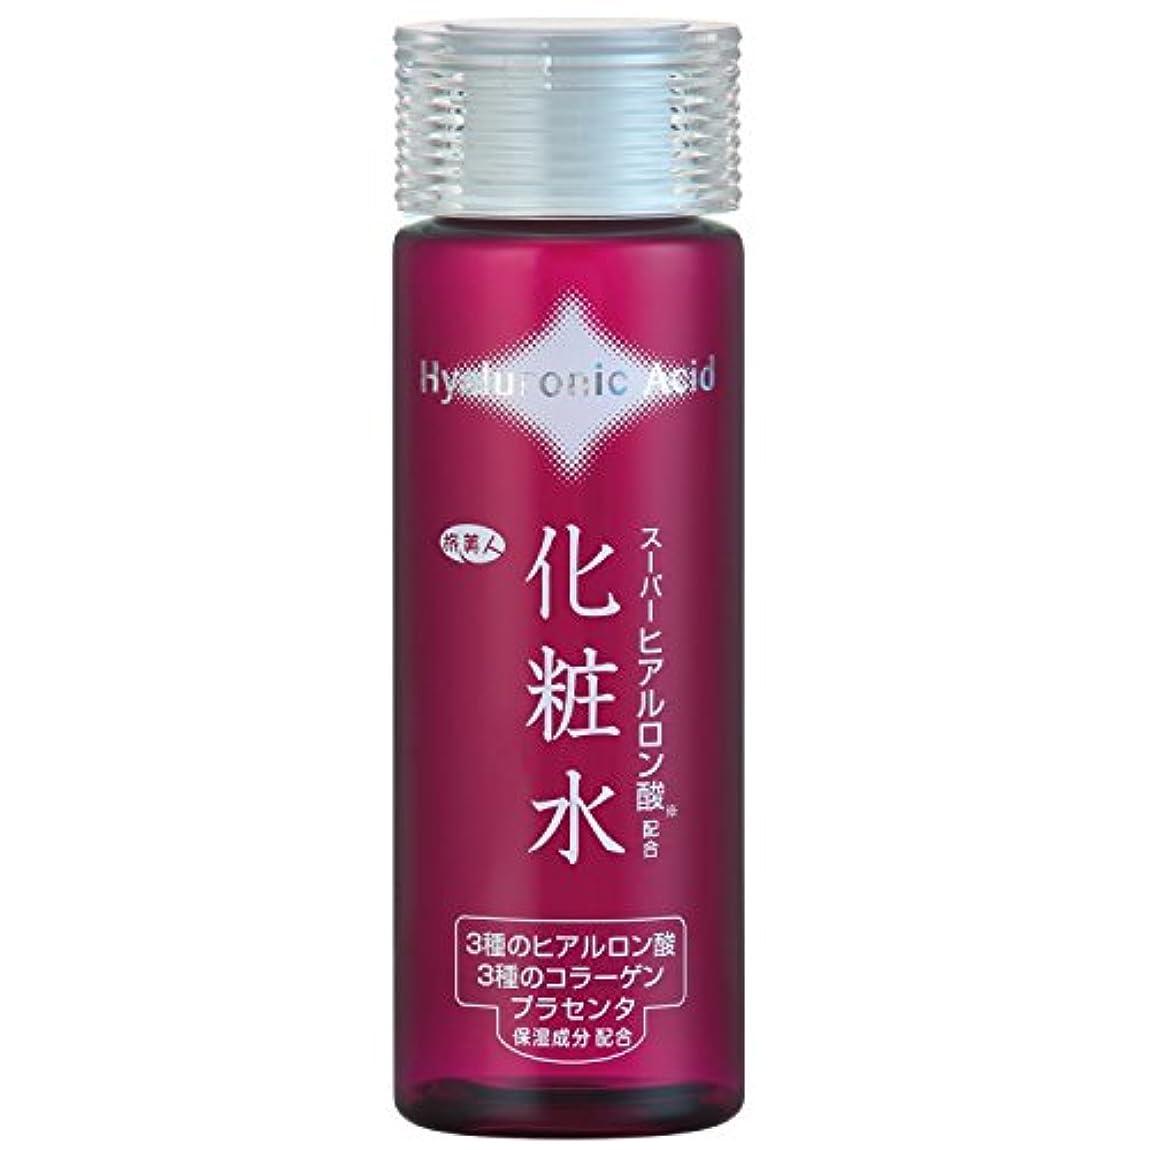 アトラス紫の加害者アズマ商事のスーパーヒアルロン酸配合化粧水